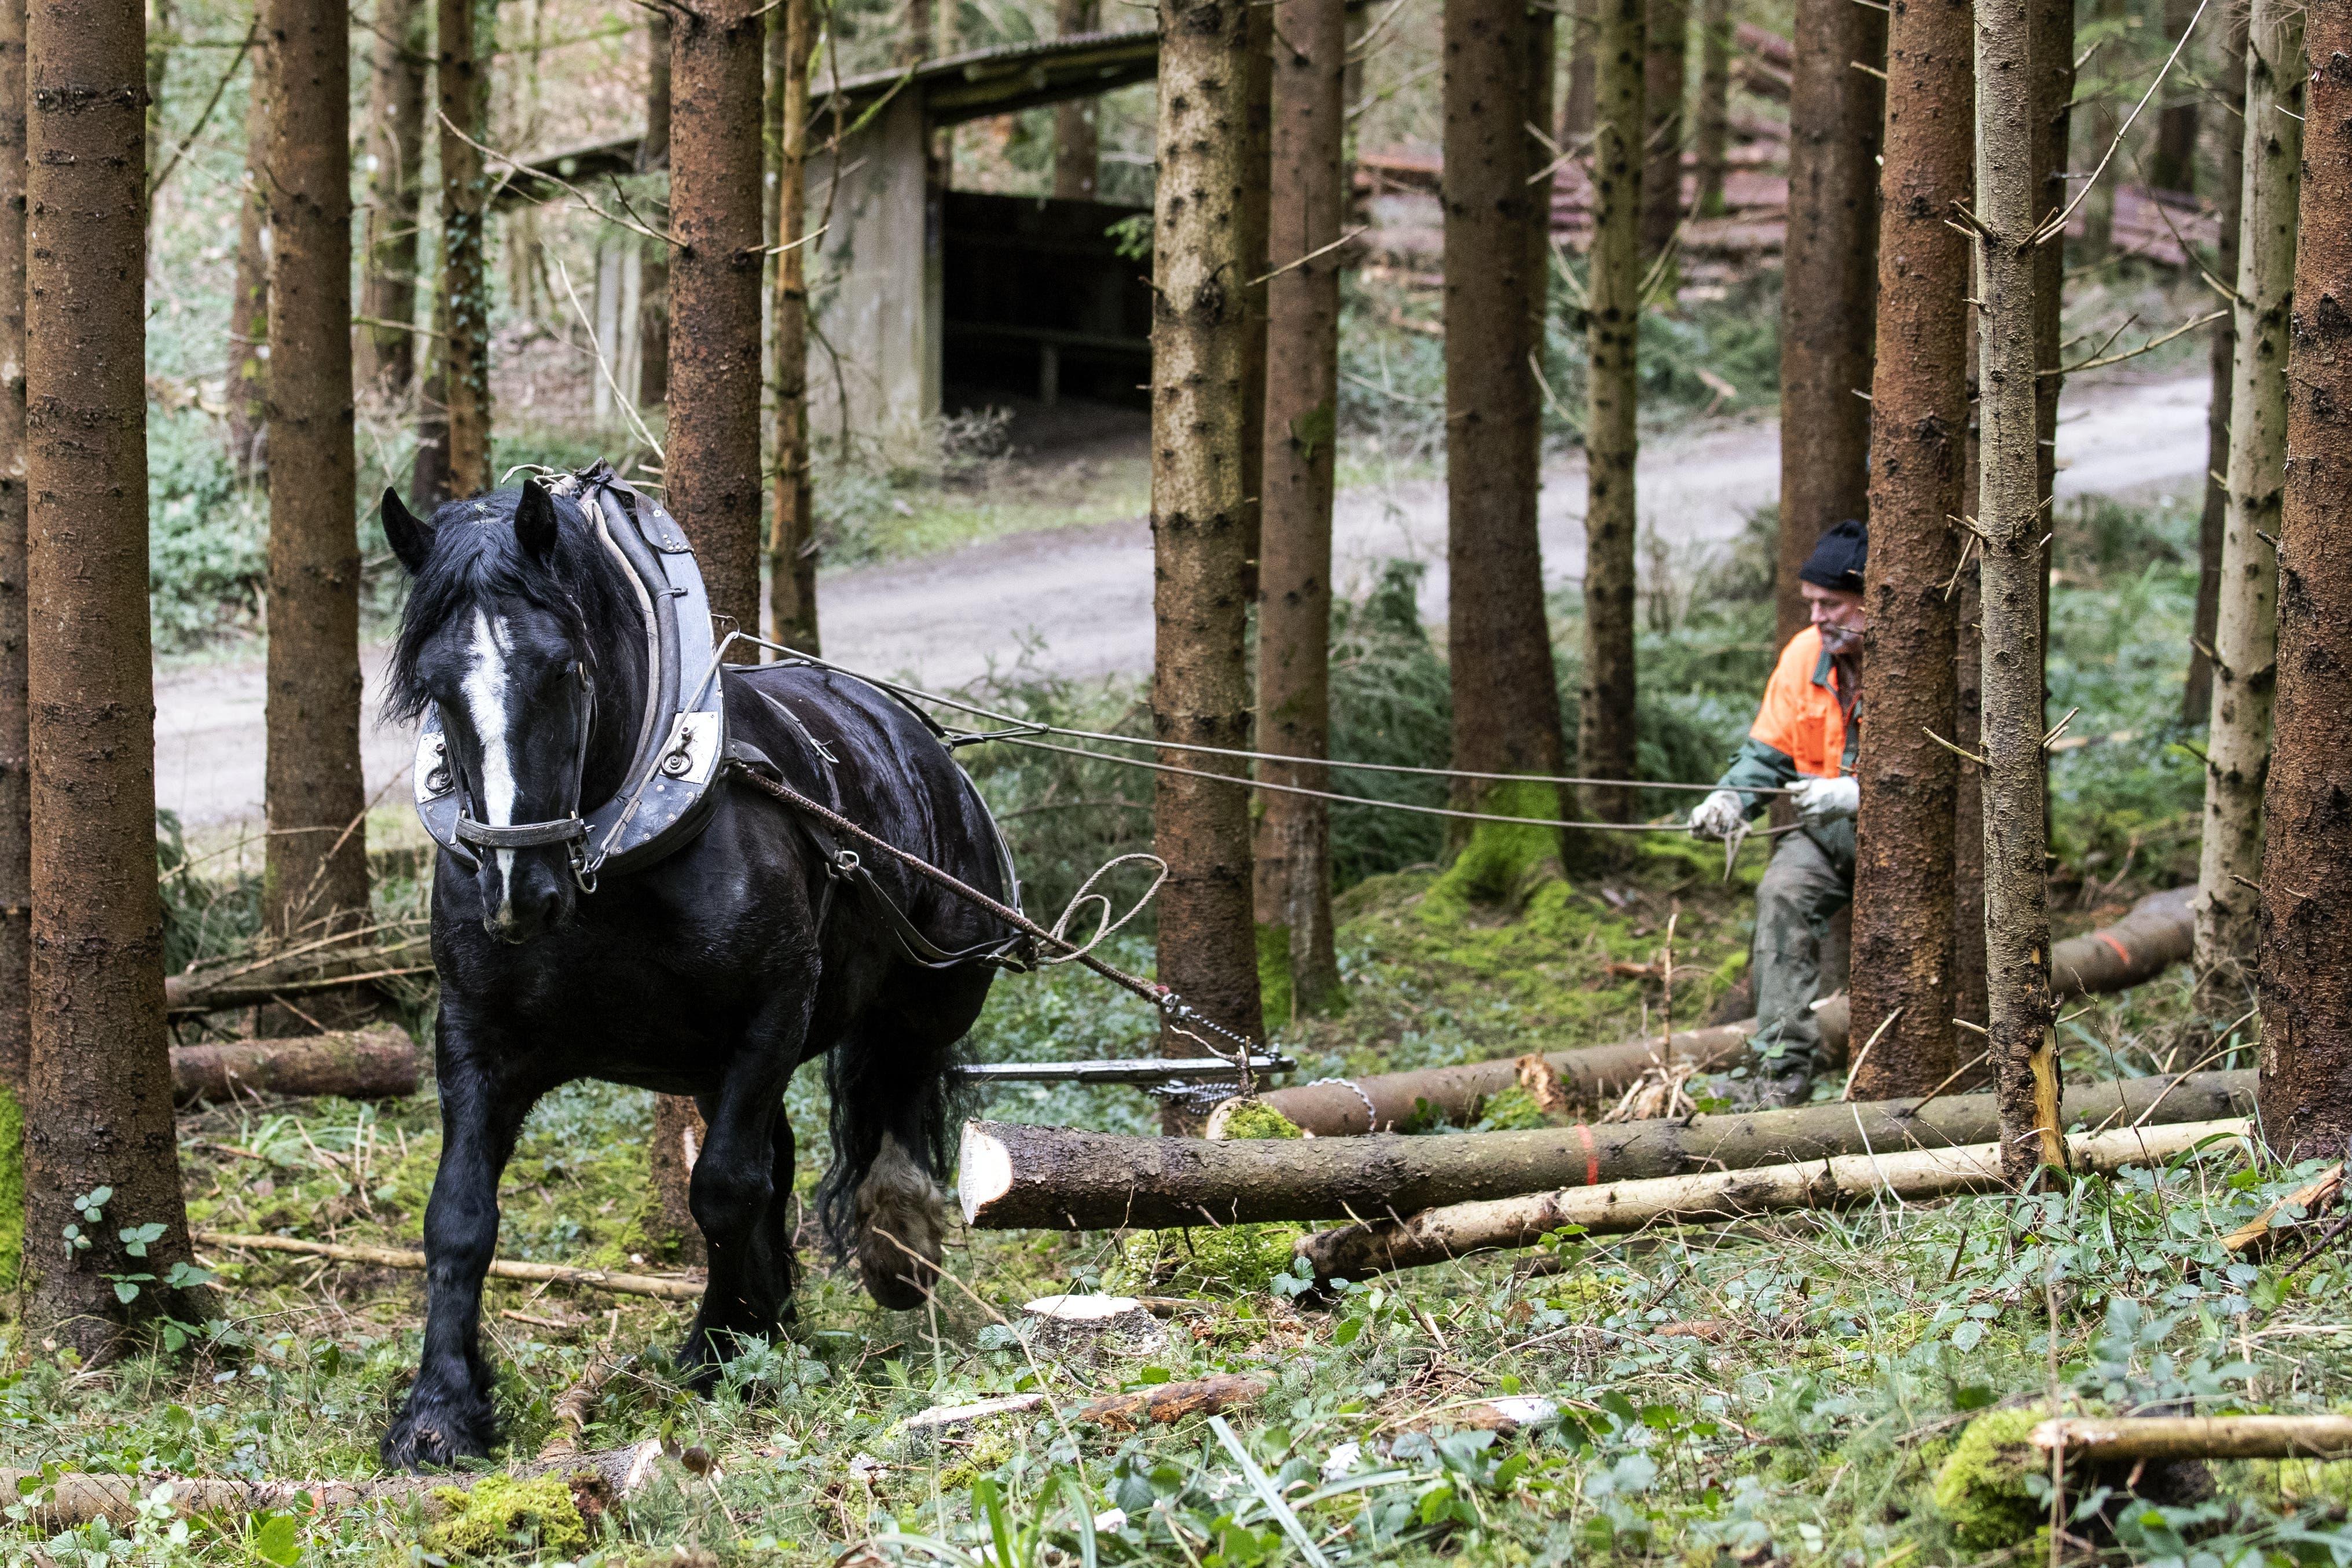 Wegen der Schneefälle im Januar liegen in den Winterthurer Wäldern viele umgefallene Fichten. Mit Pferdekraft werden diese aus dem Wald geräumt.